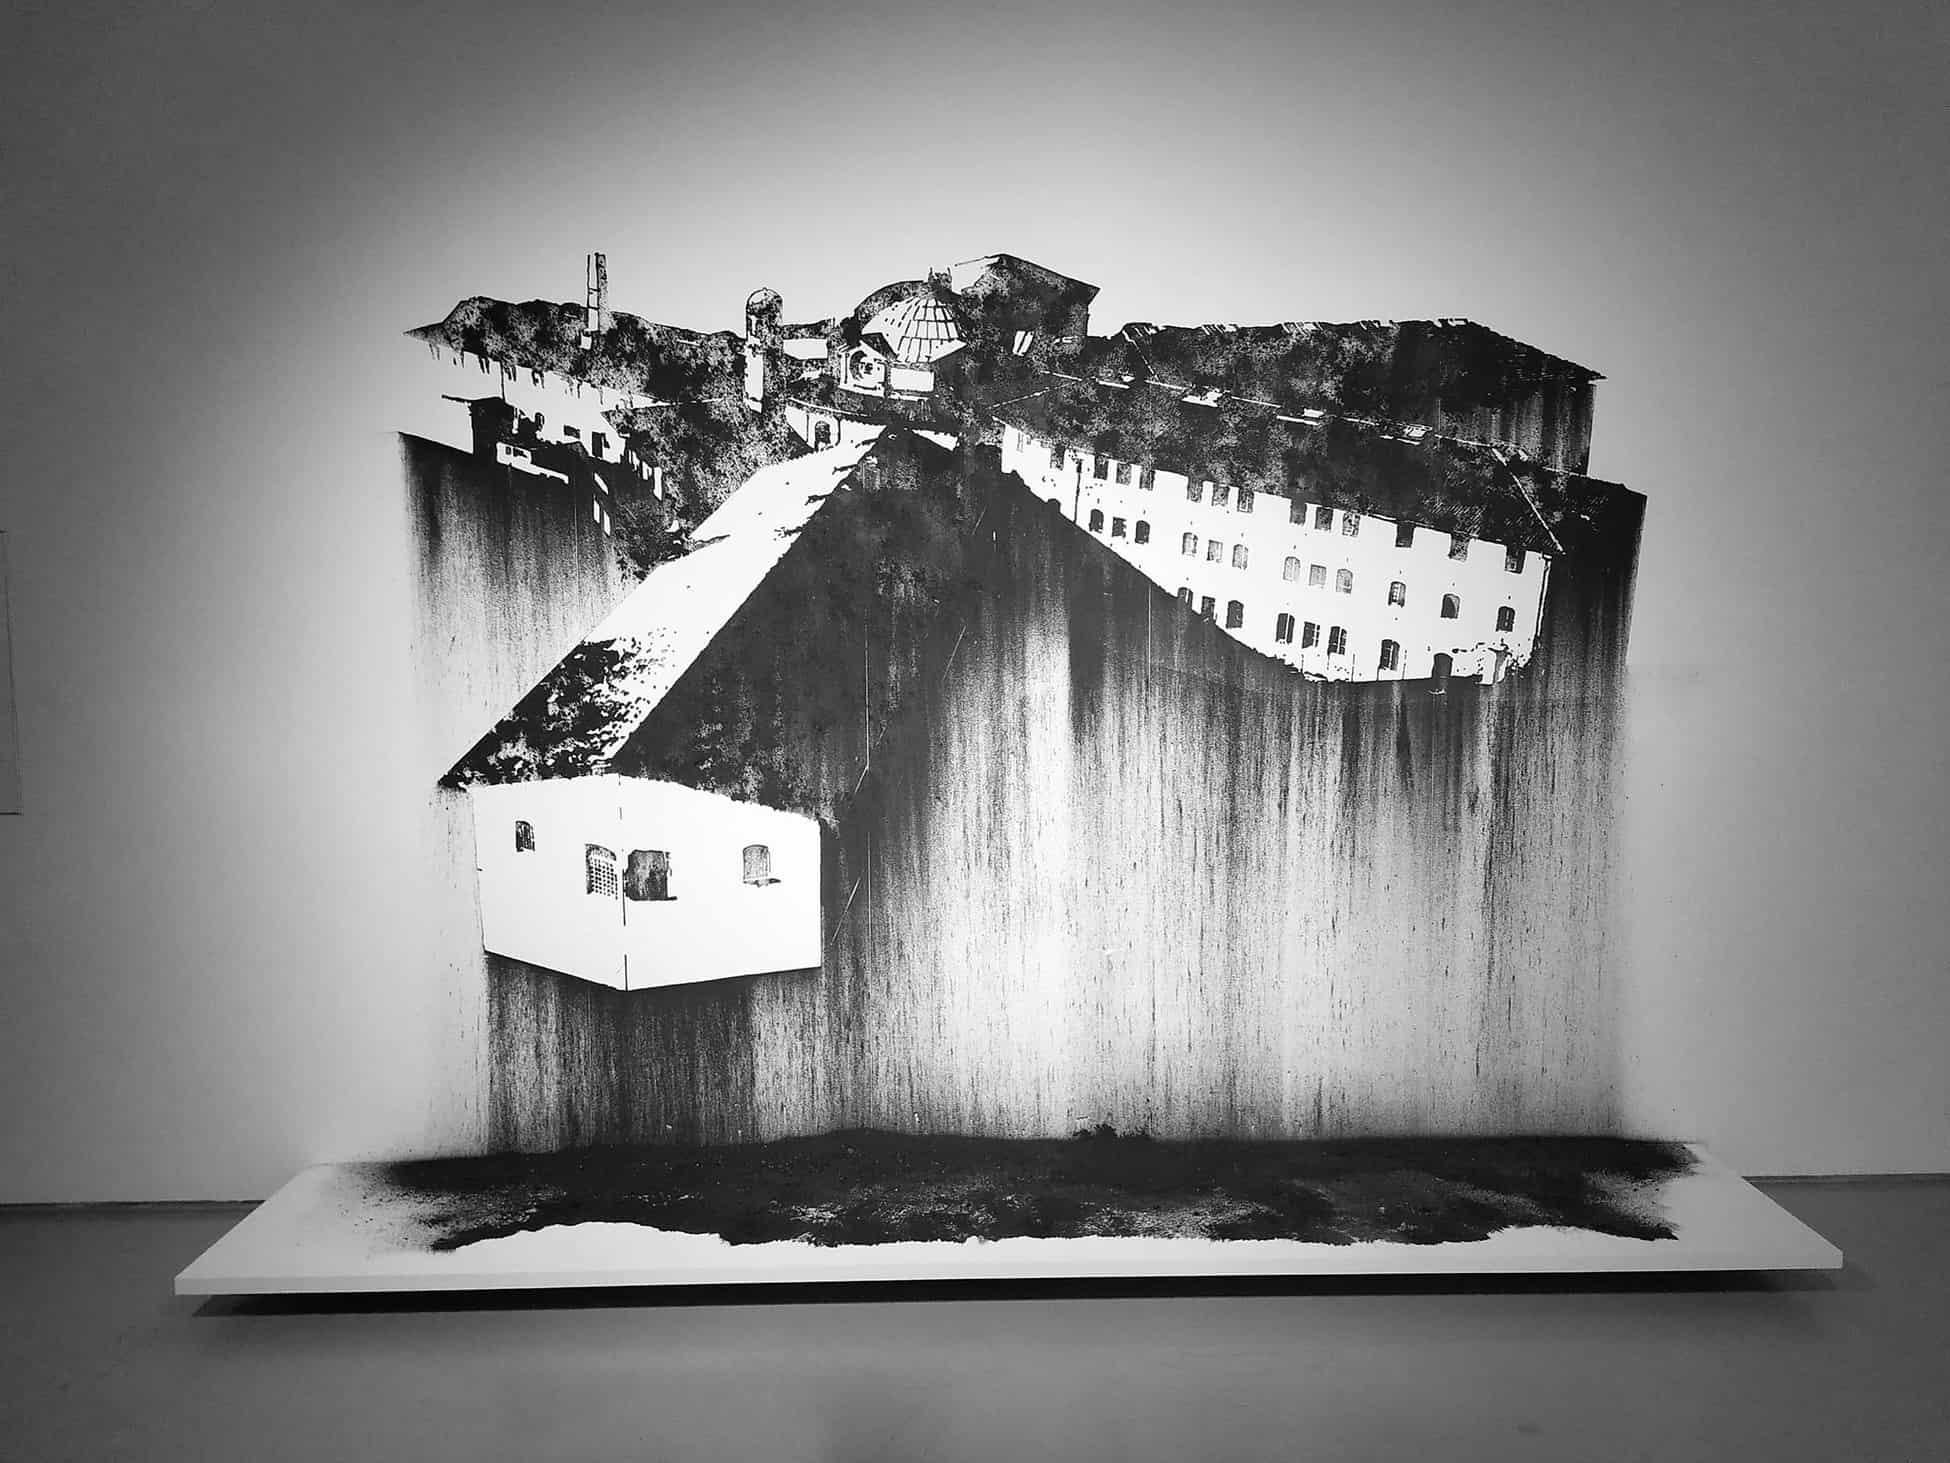 Nicolas Daubanes Prison Saint-Michel, Toulouse Dessin mural à la poudre d'acier aimantée, 200 x 280 cm, 2019,.site